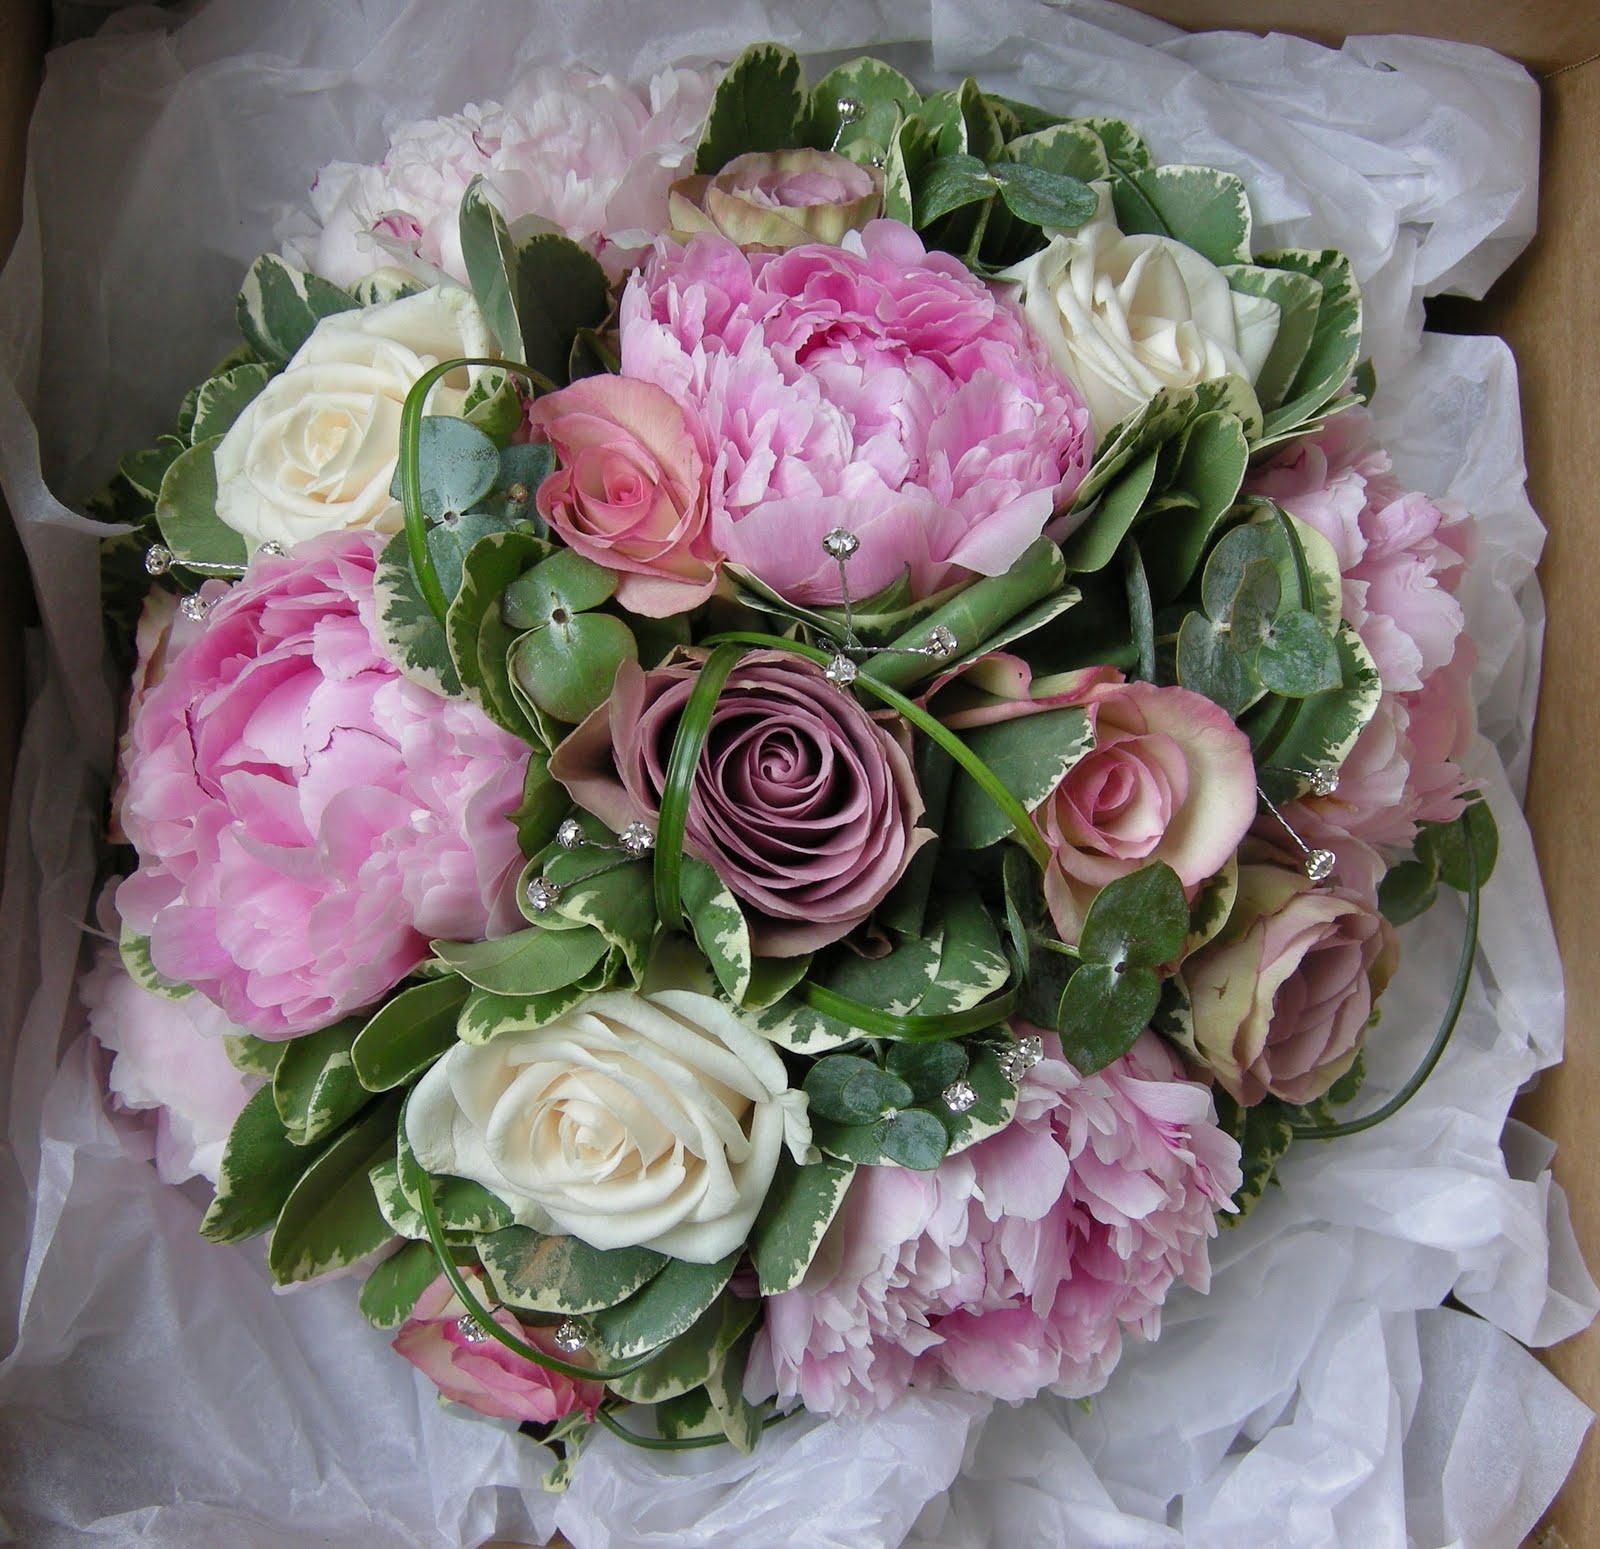 Vintage Flower Arrangements For Wedding: Wedding Flowers Blog: Kim's Vintage Wedding Flowers